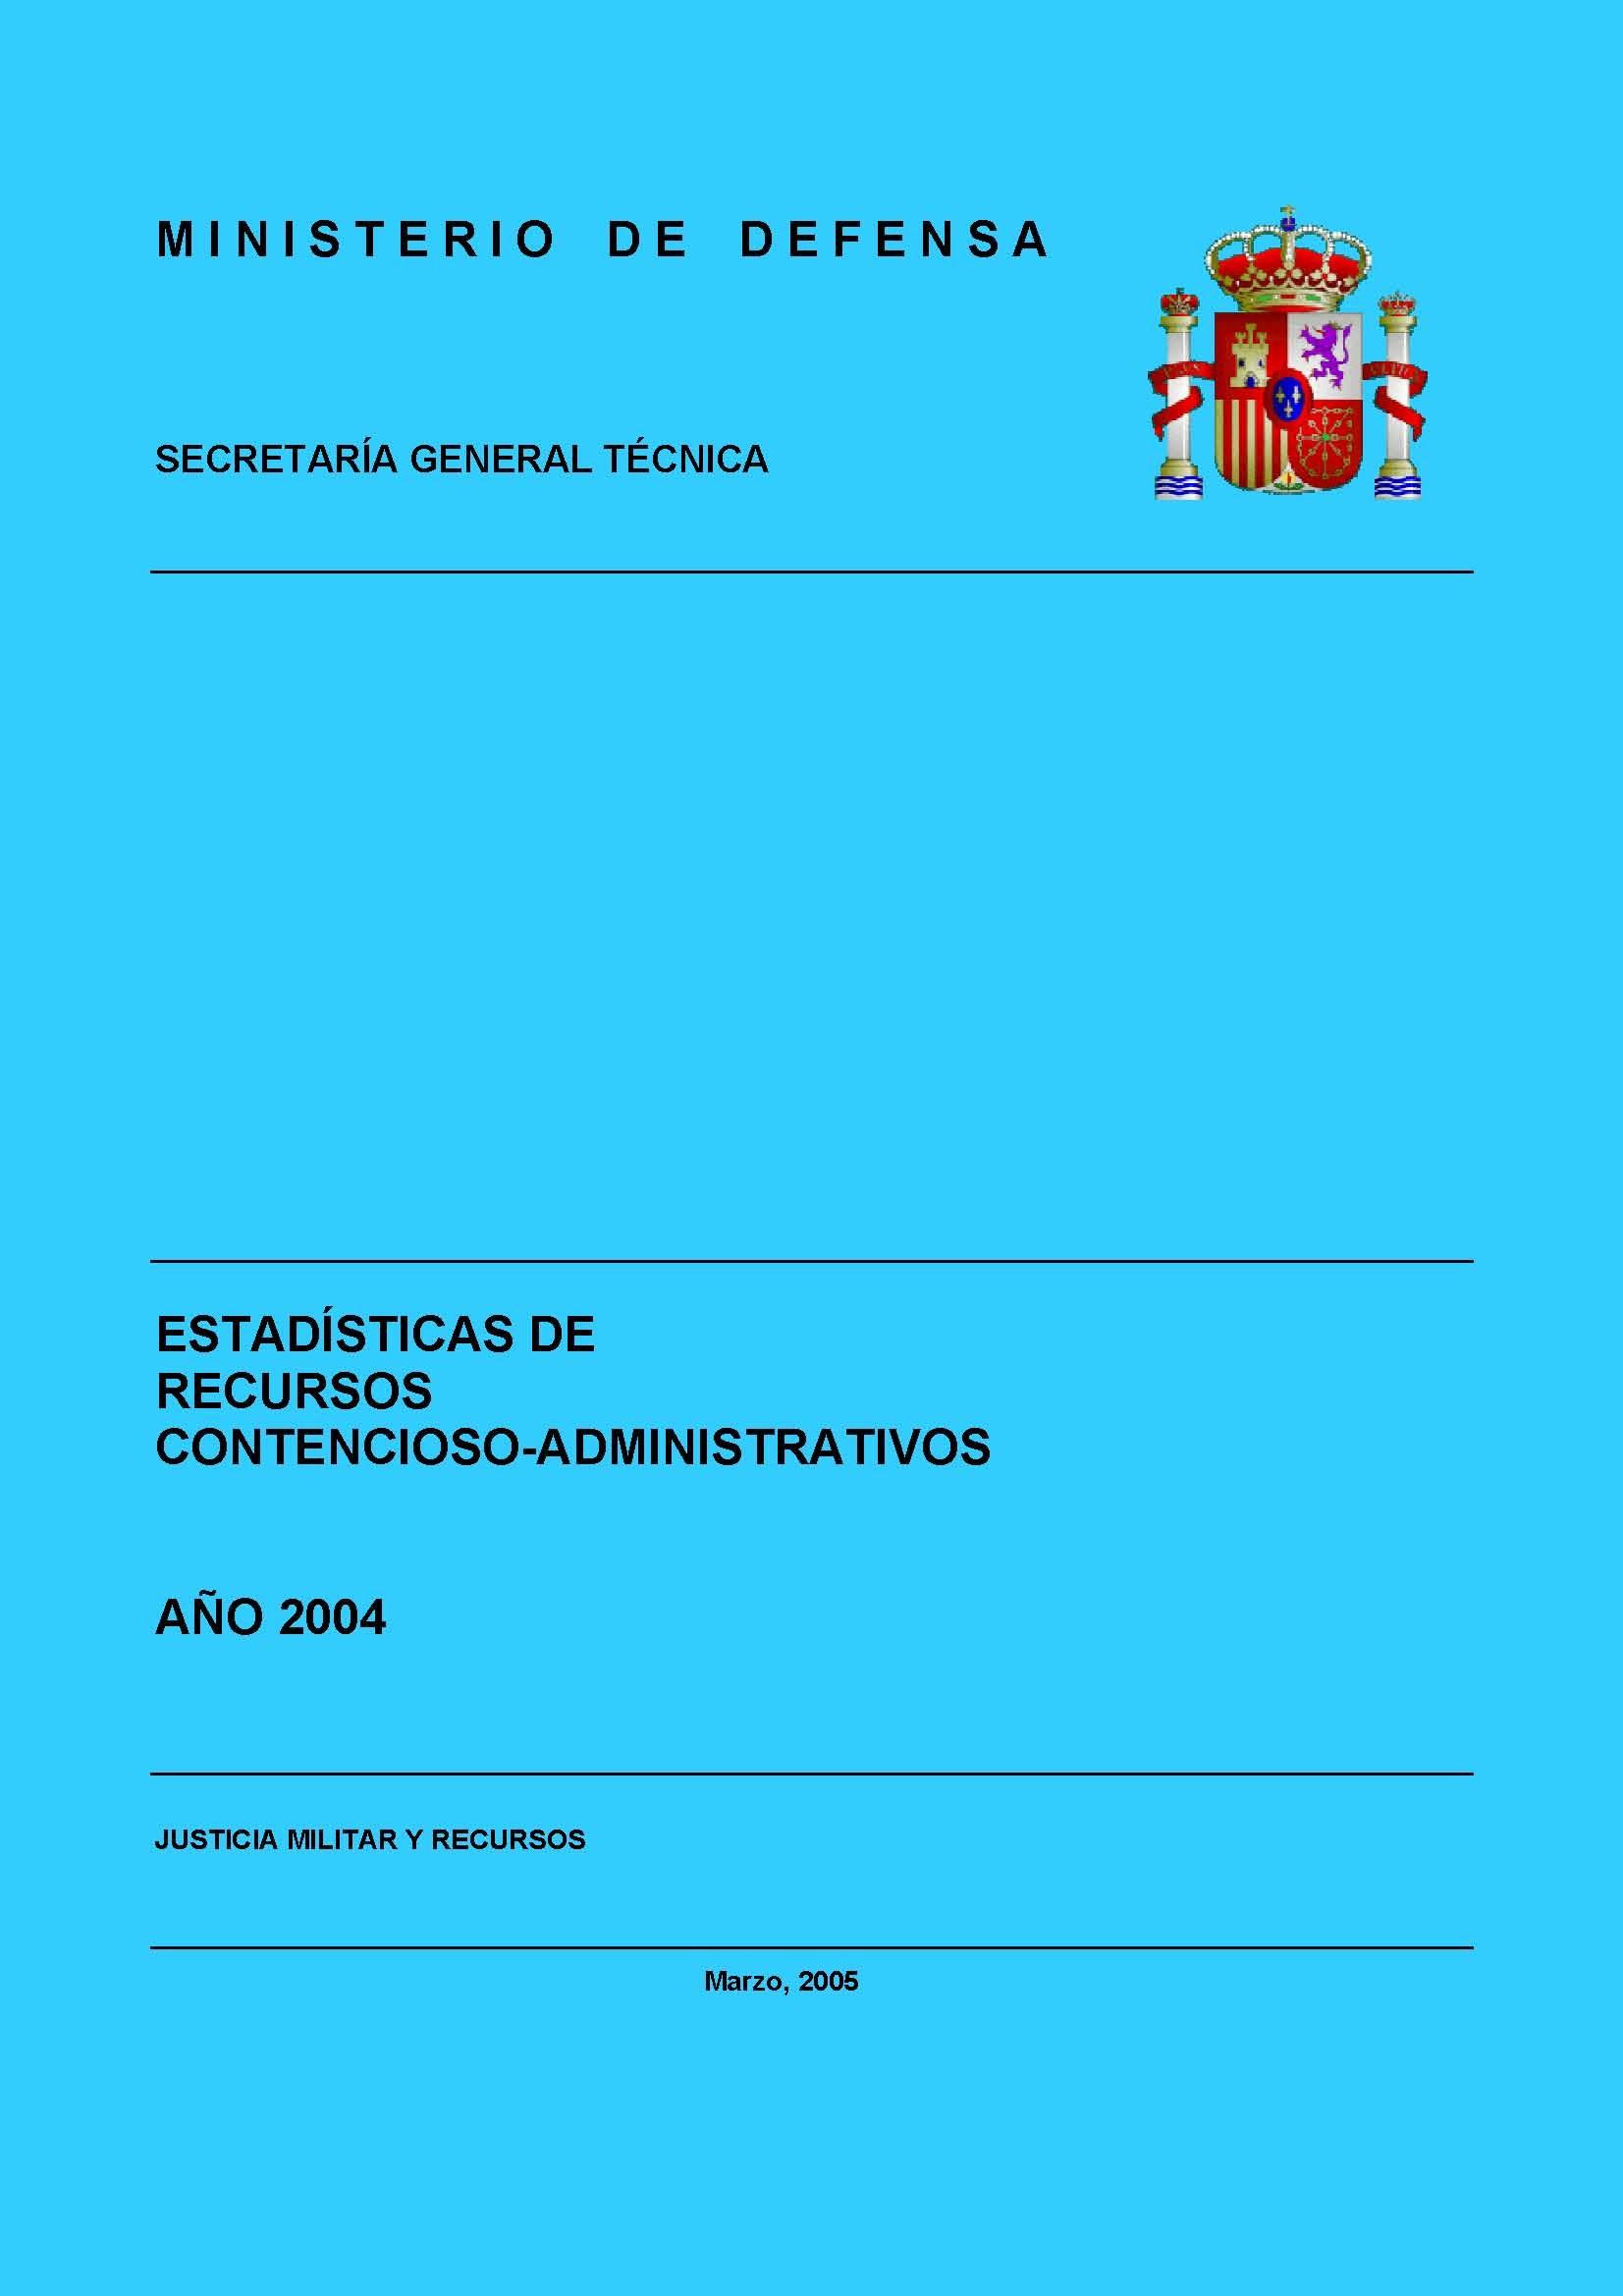 ESTADÍSTICA DE RECURSOS CONTENCIOSO-ADMINISTRATIVOS 2004